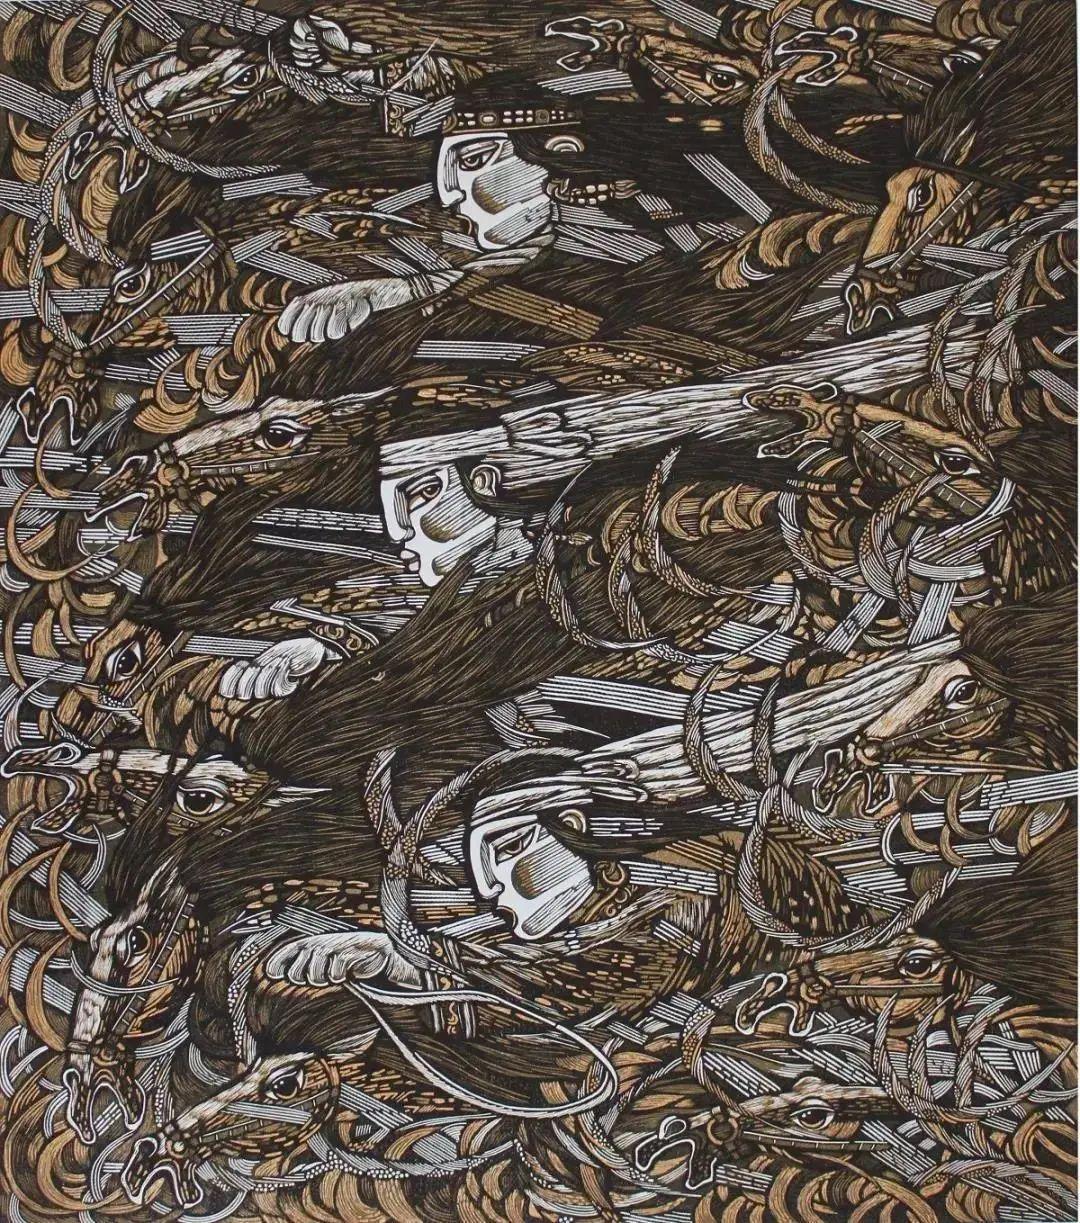 微展览丨哲里木版画:一把刻刀写给木板的传奇 第17张 微展览丨哲里木版画:一把刻刀写给木板的传奇 蒙古画廊